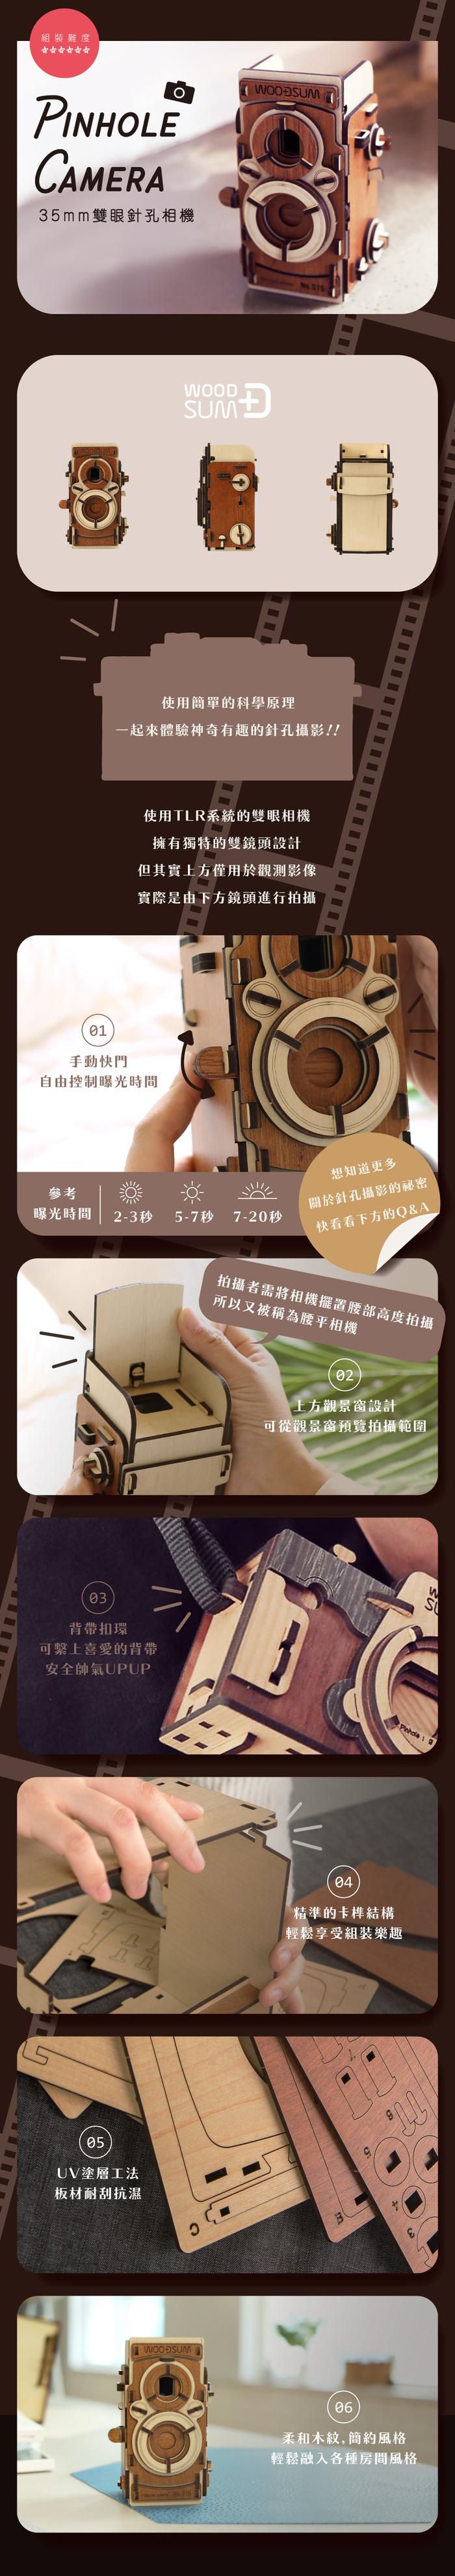 (複製)WOODSUM 輕手作。木製模型 - 35mm針孔相機 - 深色款